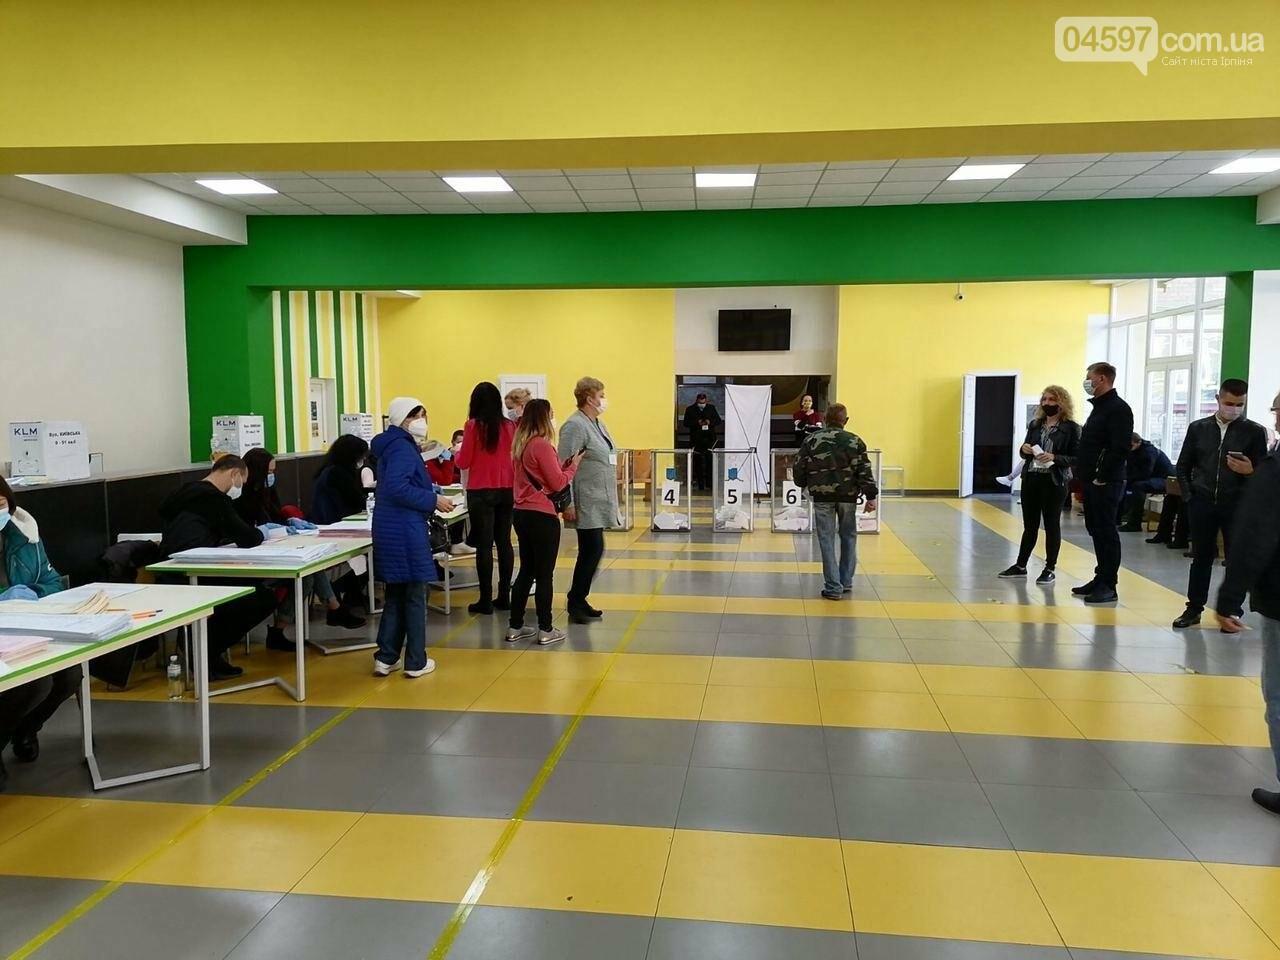 Ірпінь голосує - фоторепортаж, фото-2